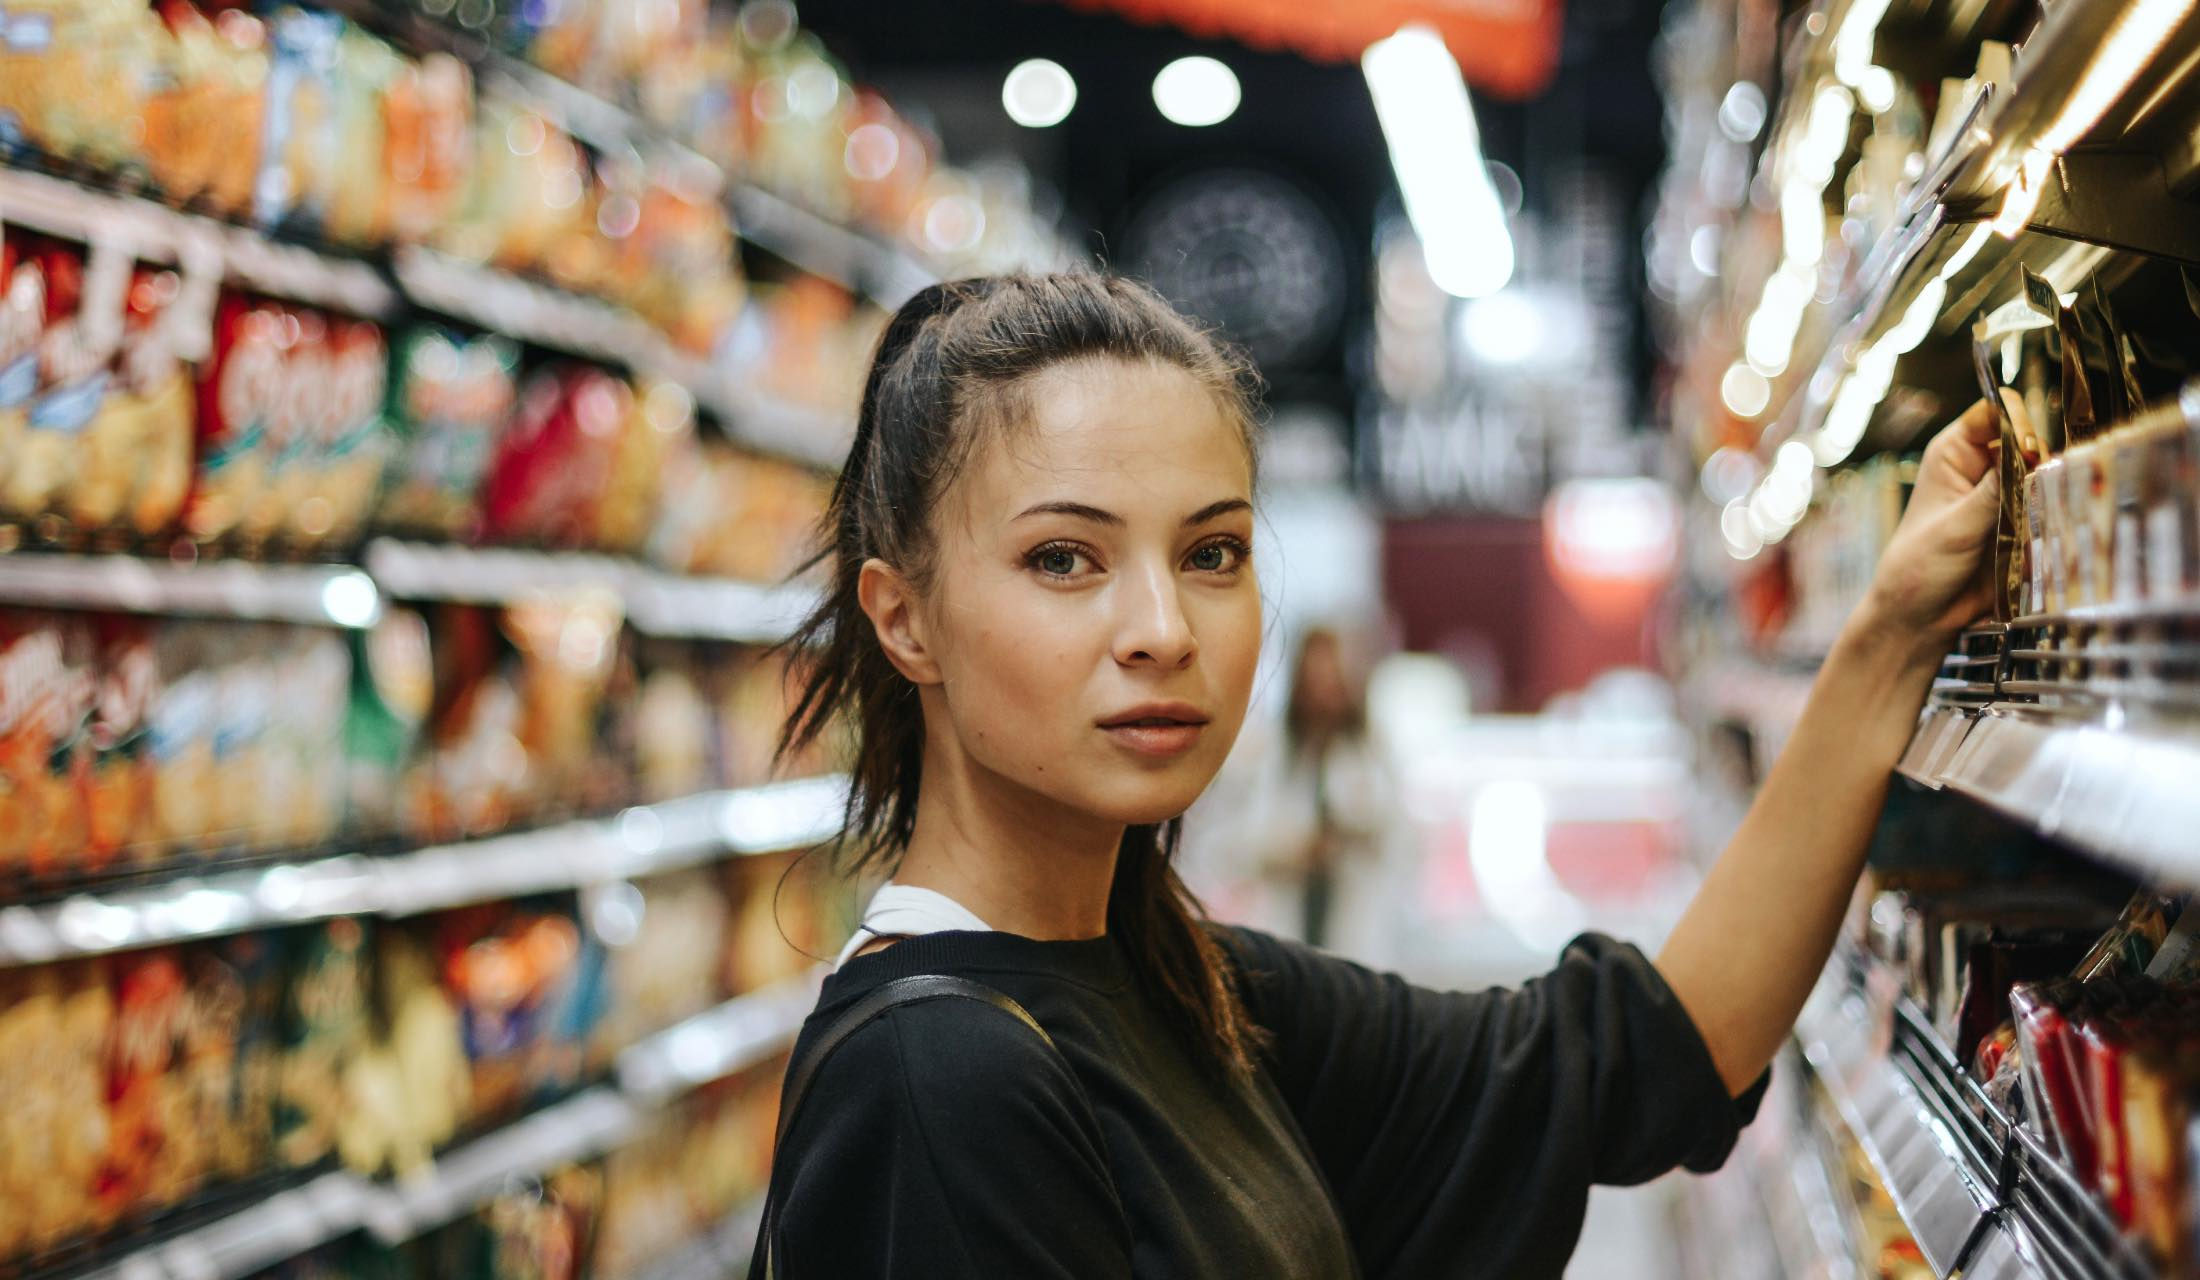 スーパーマーケットの中の女性